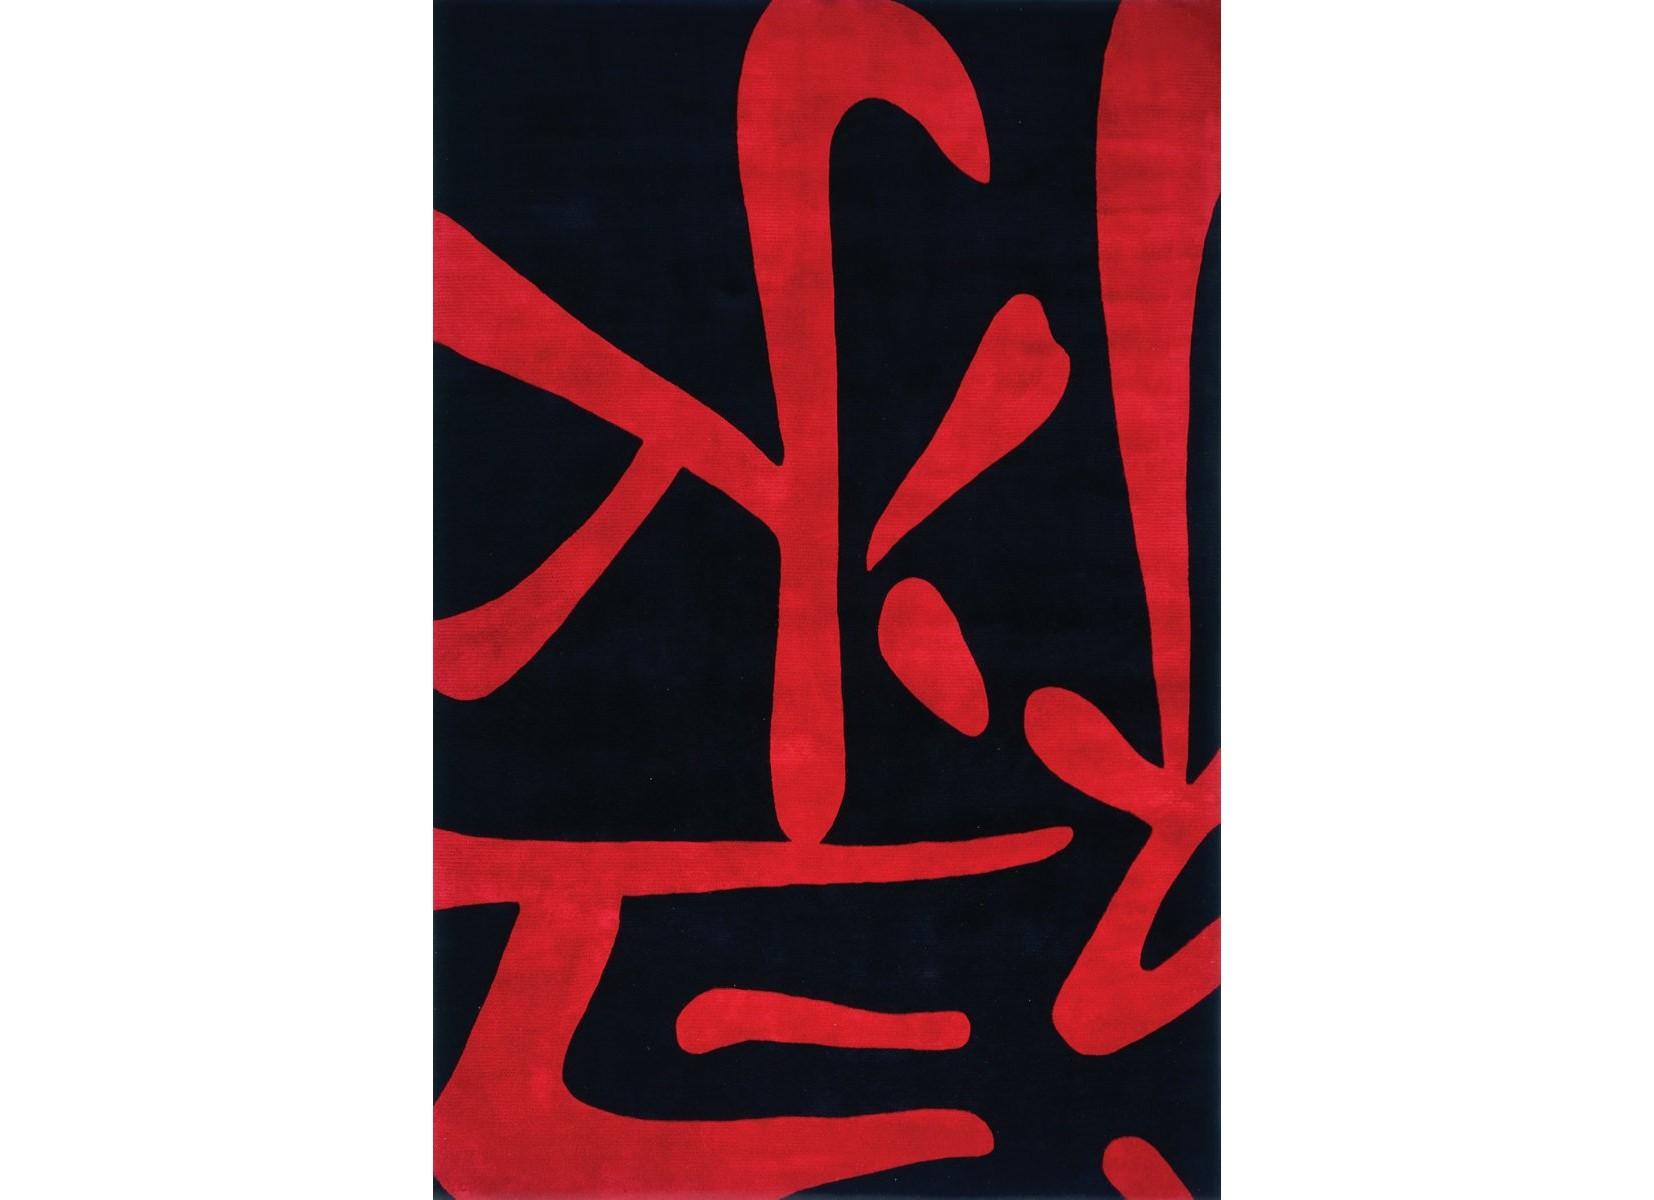 Ковер Haruki 300x500Прямоугольные ковры<br><br><br>Material: Шерсть<br>Ширина см: 300<br>Глубина см: 500